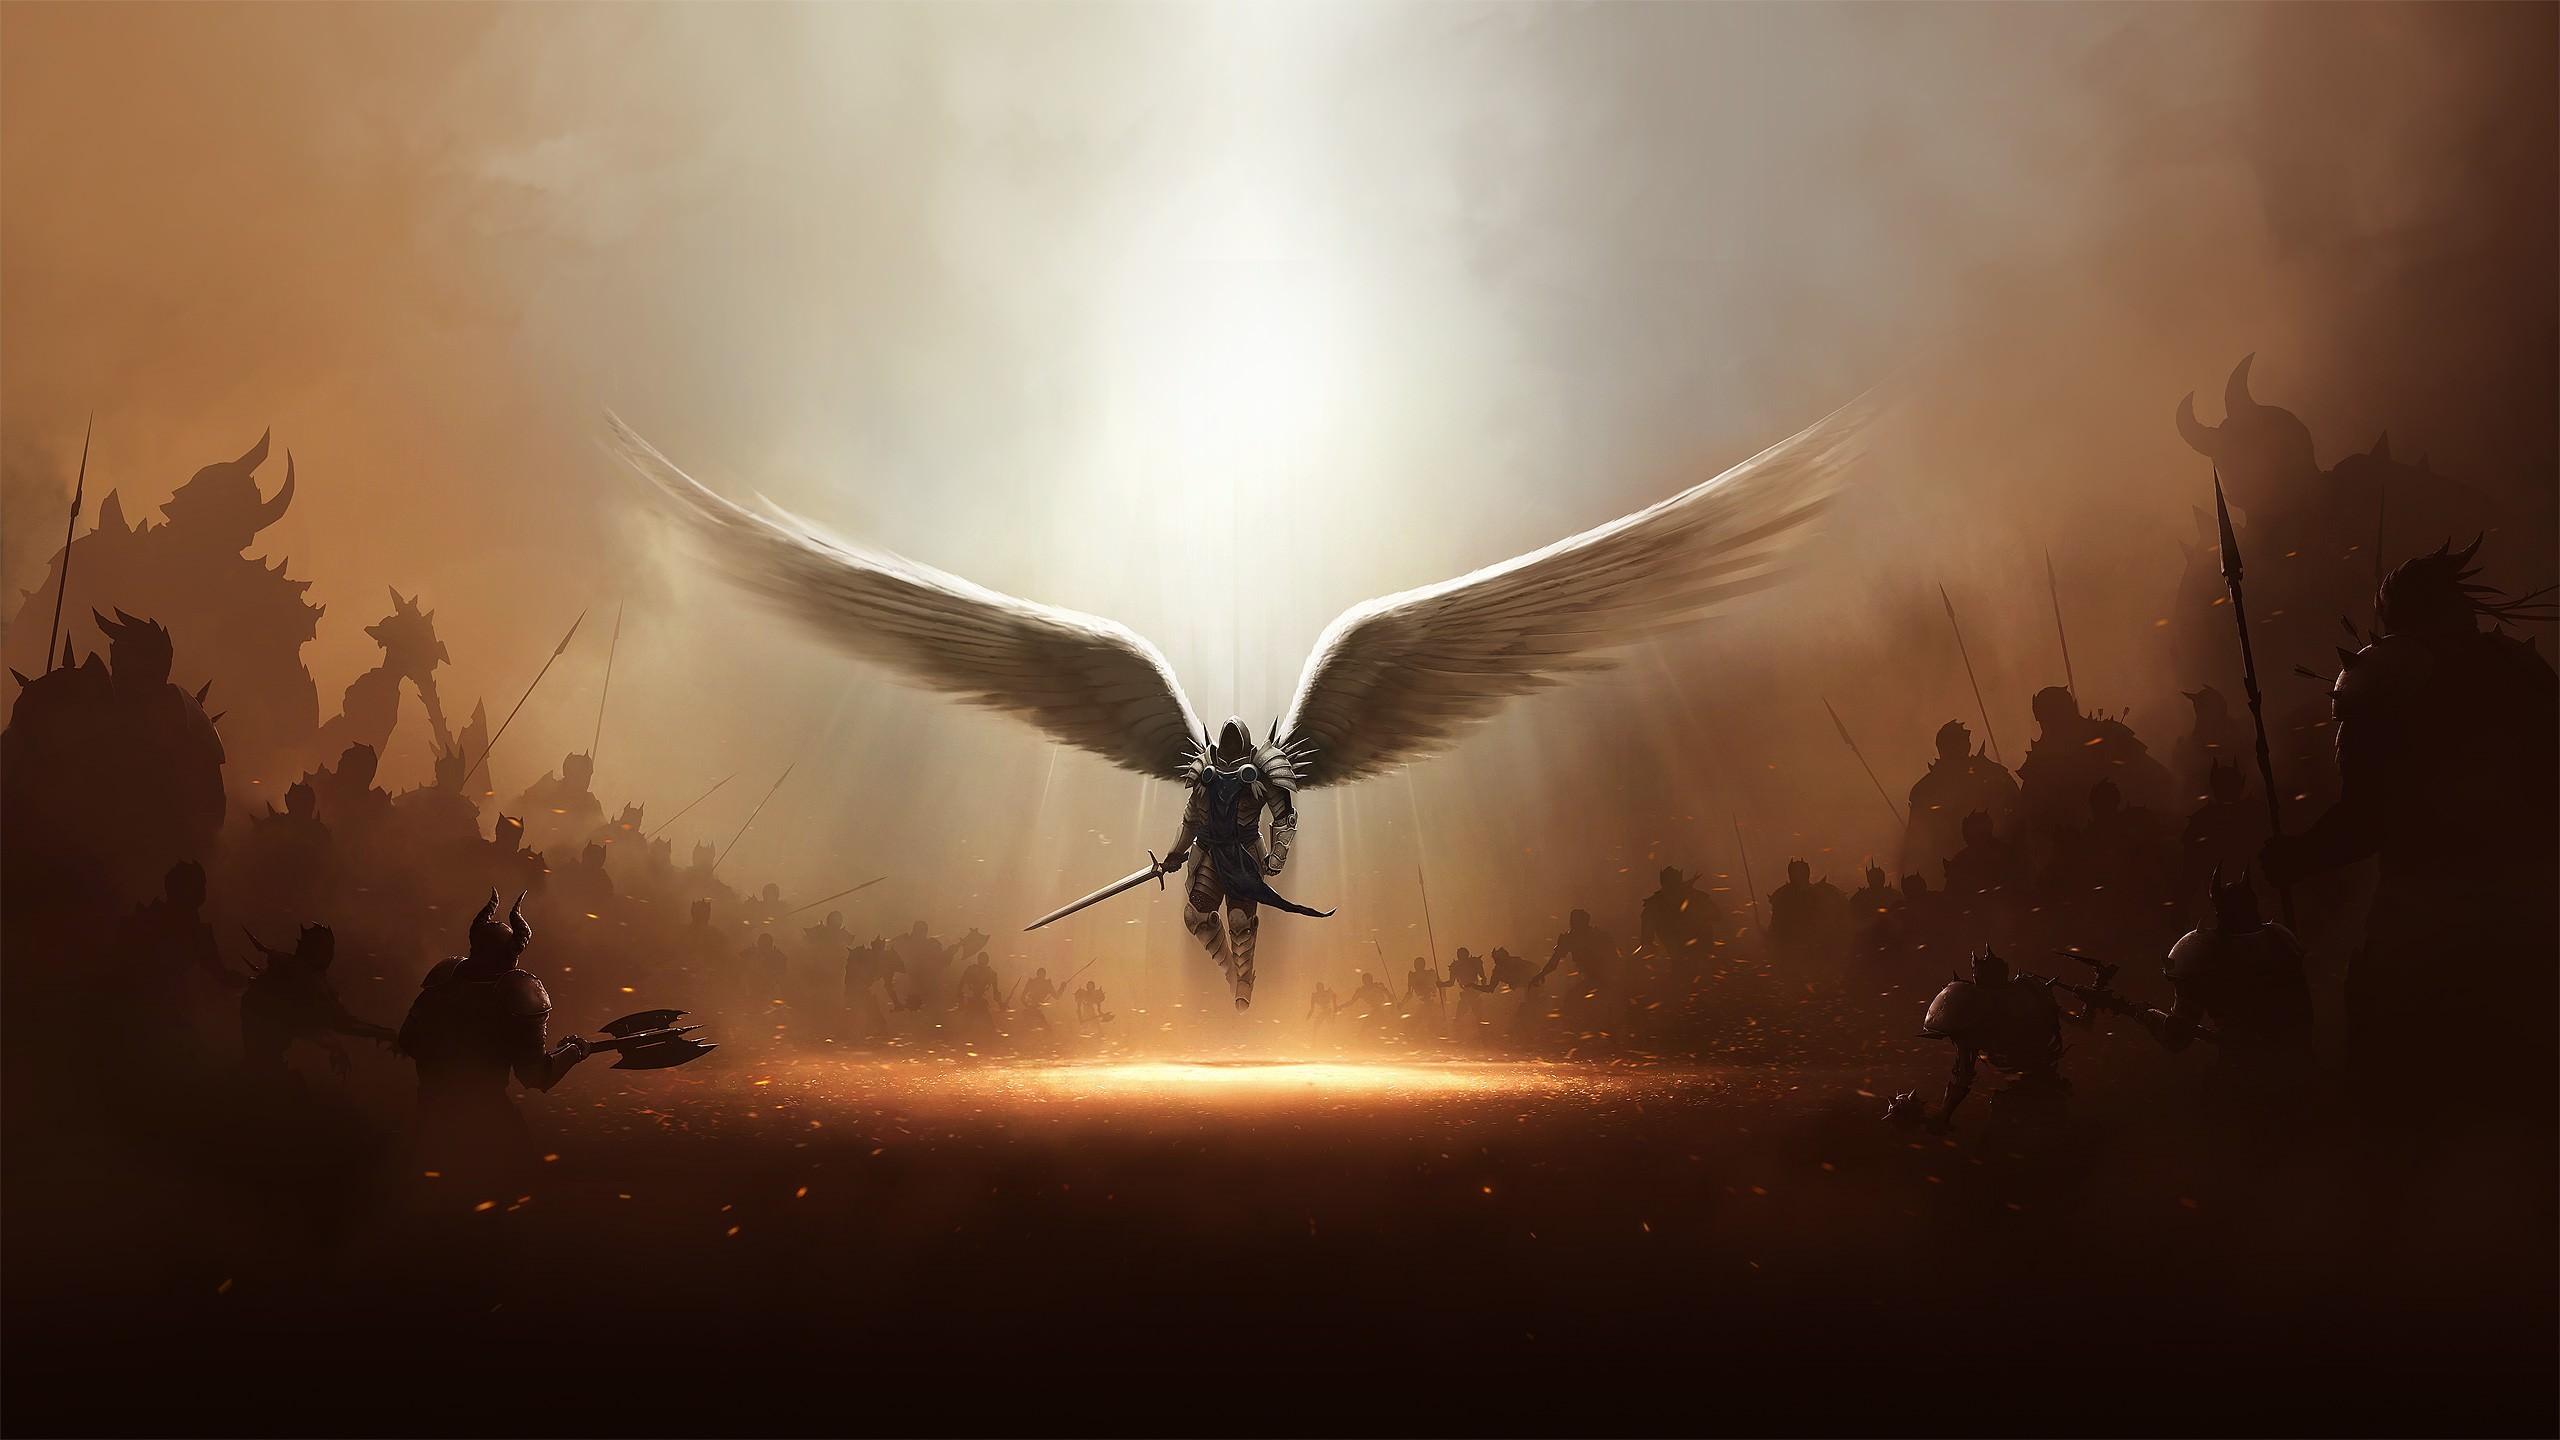 Archangel Warrior Wallpaper